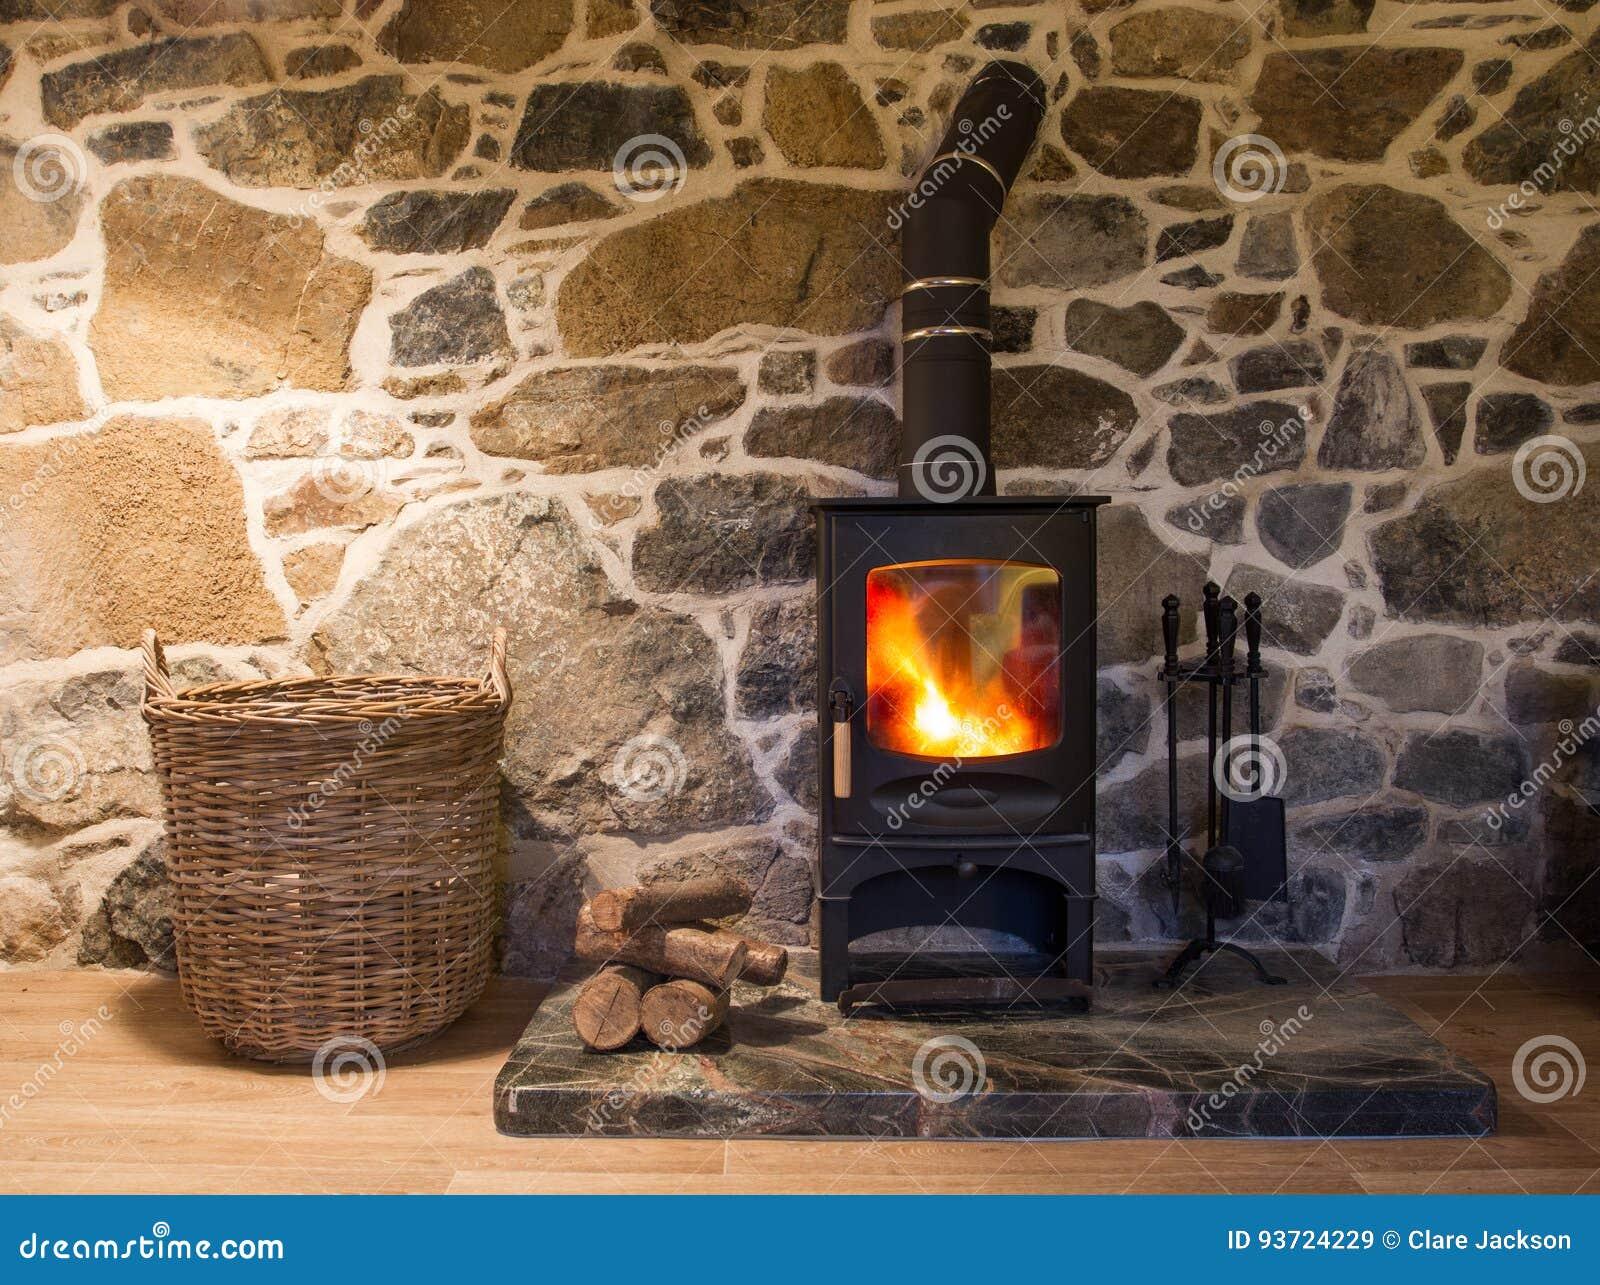 kosten-steinhäuschen-holz-brenner stockbild - bild von kosten